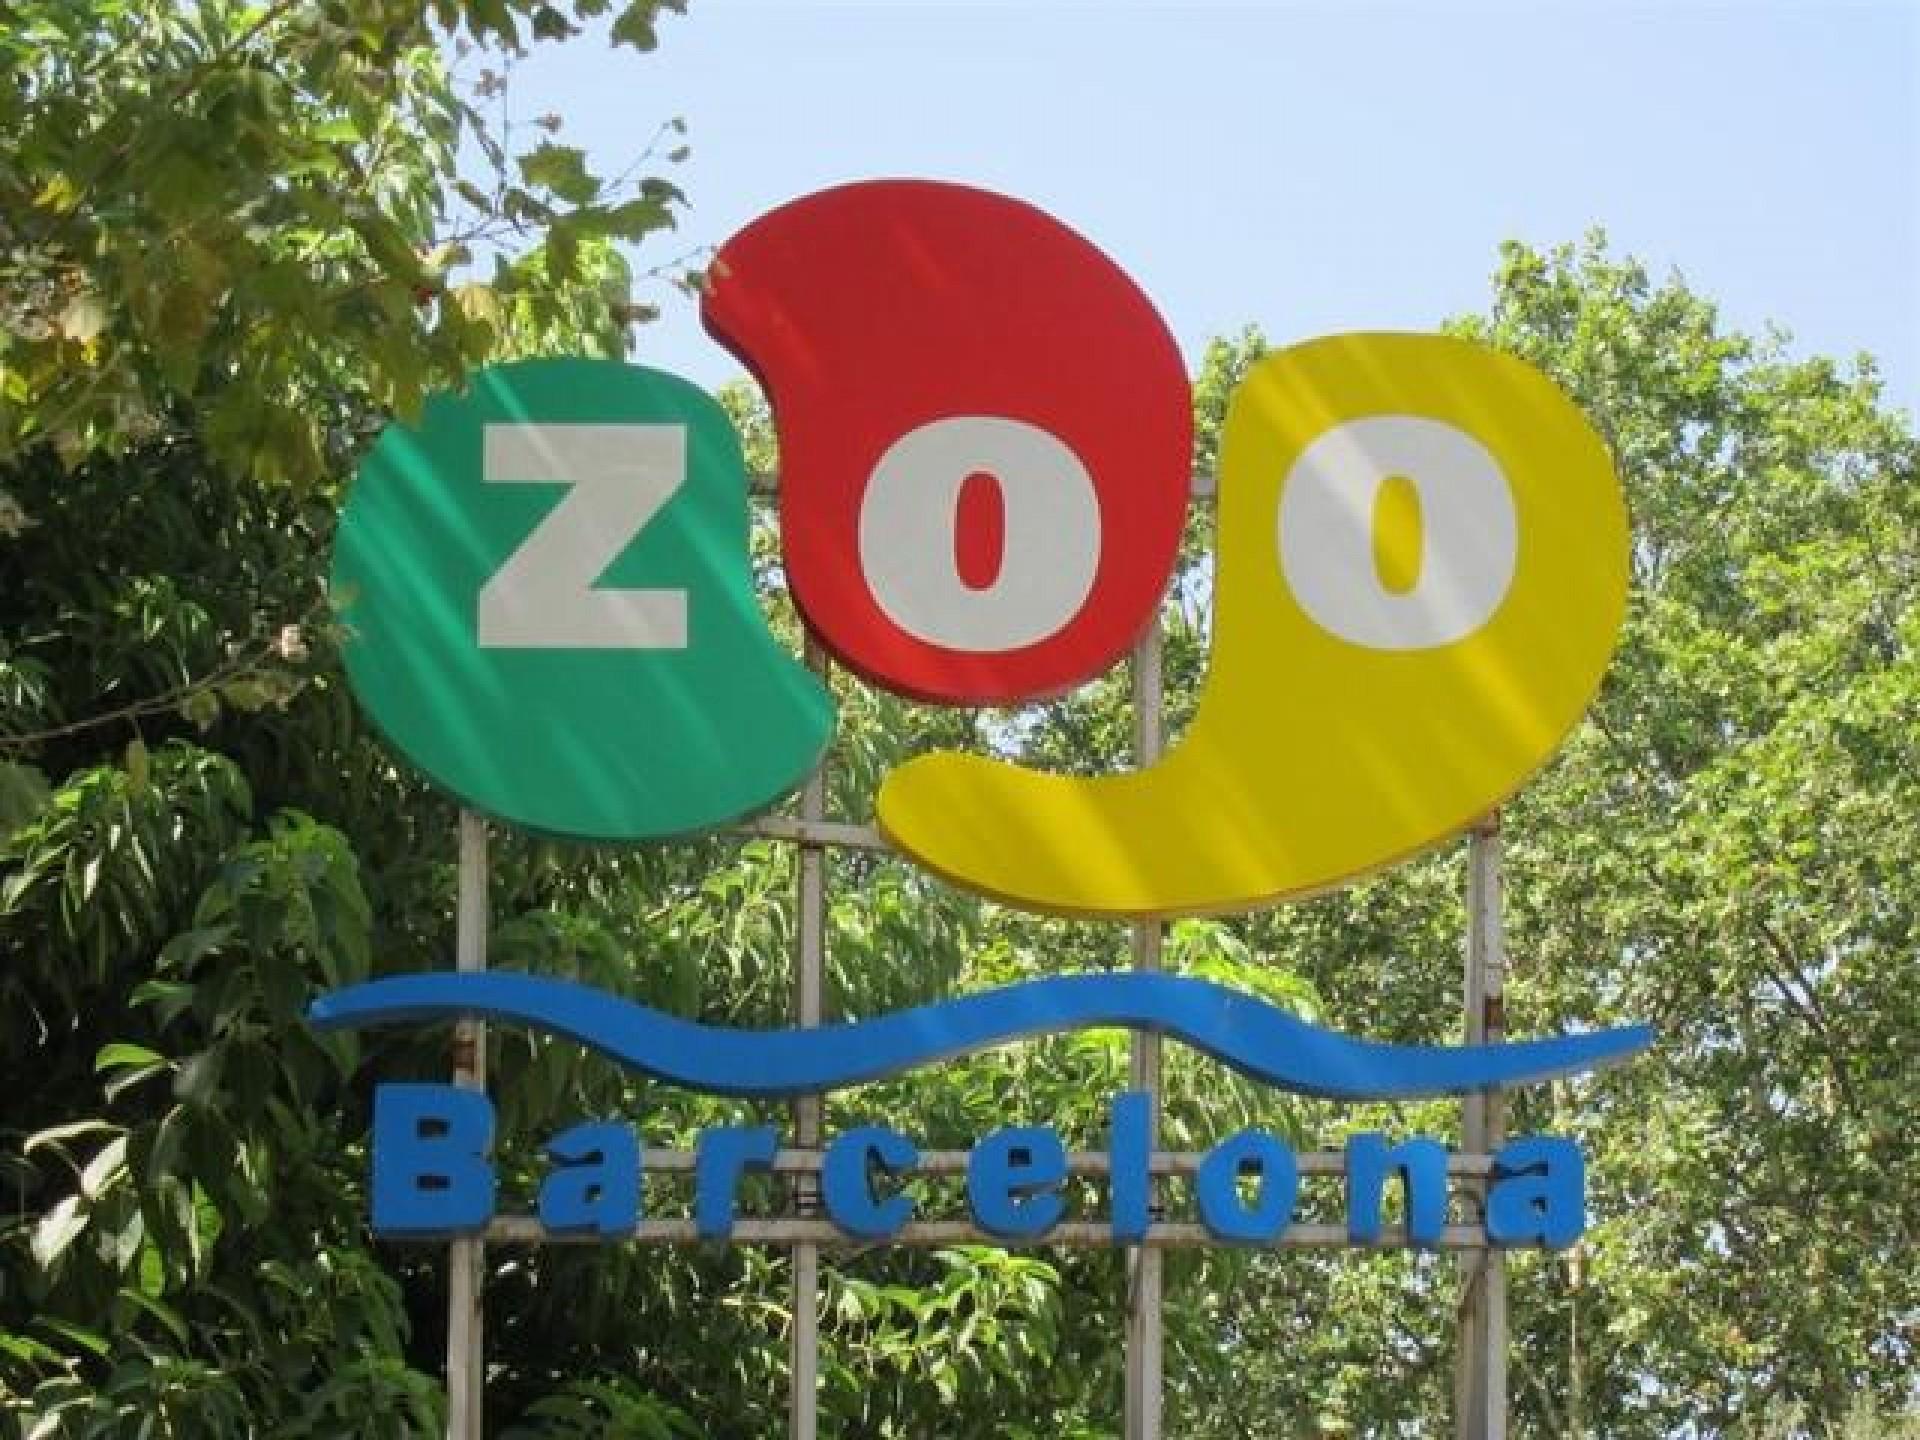 Zoo de Bcn